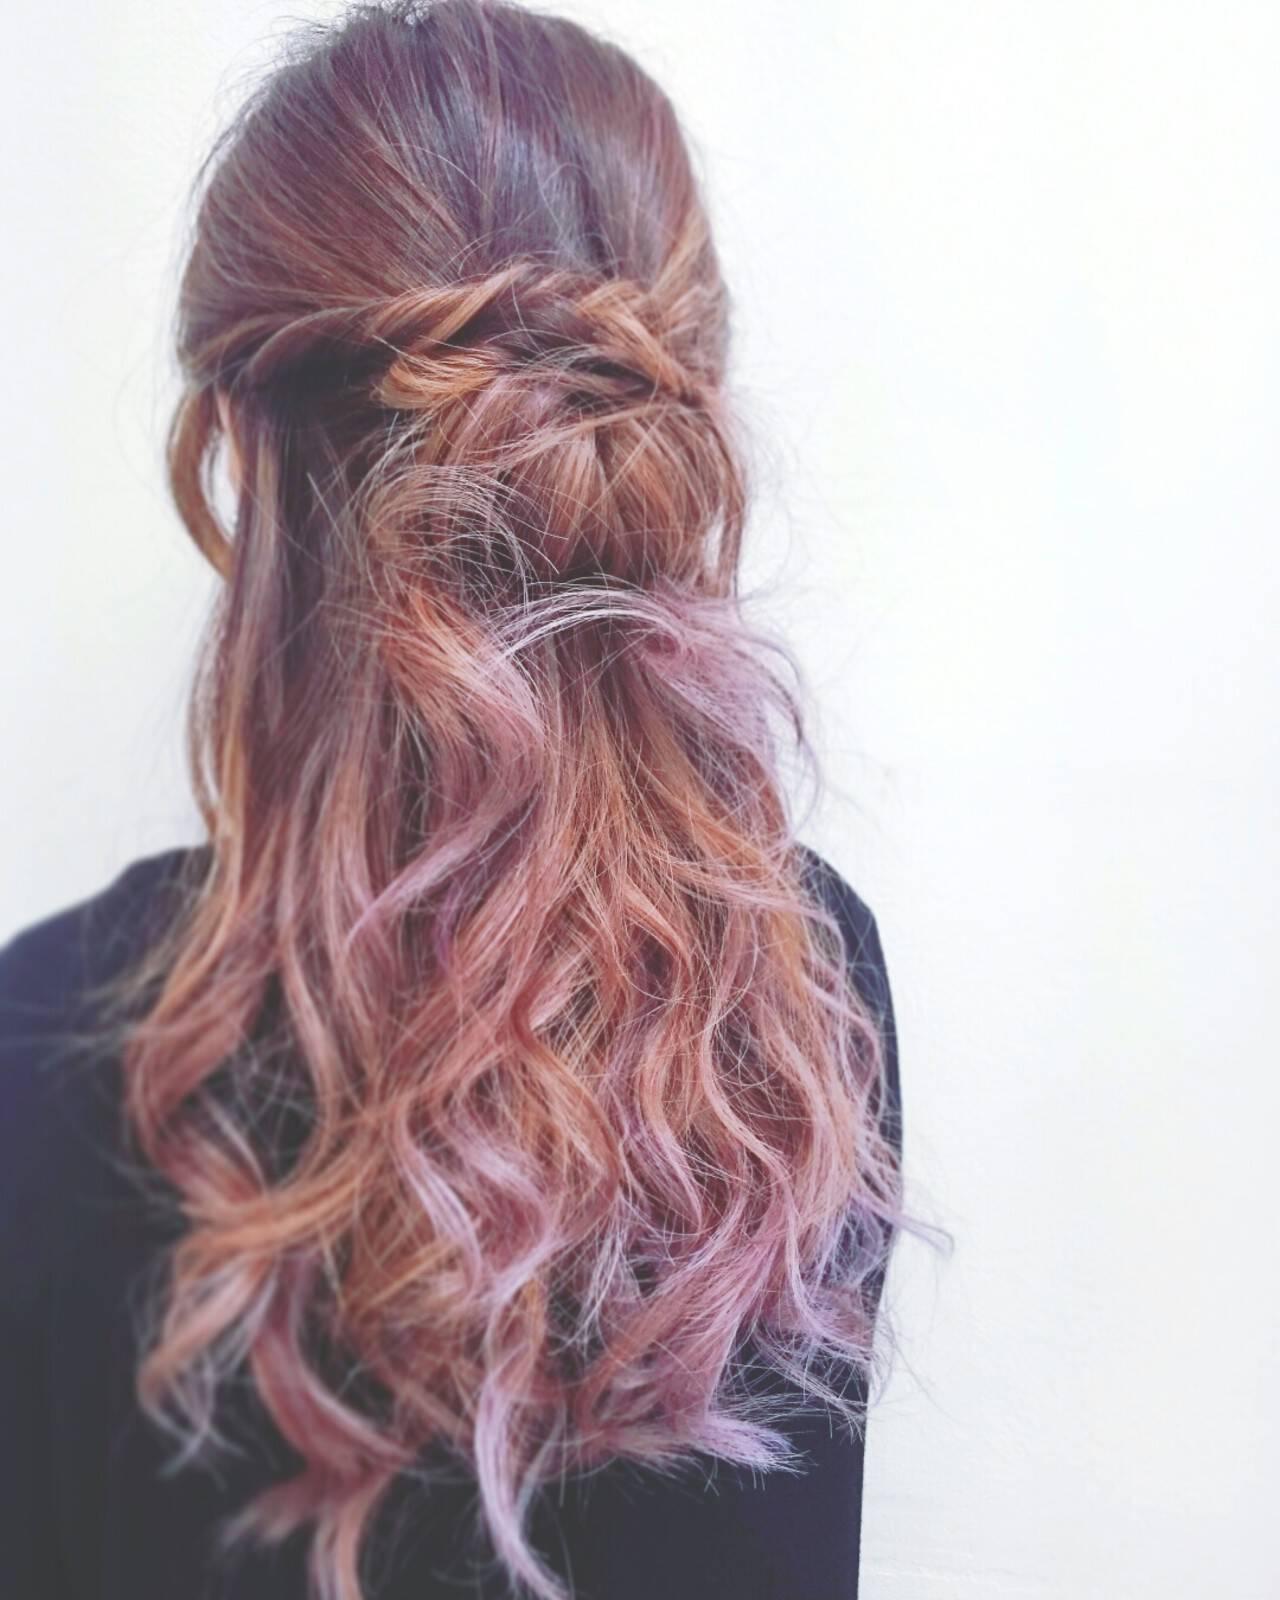 ロング ハイライト ハーフアップ ヘアアレンジヘアスタイルや髪型の写真・画像